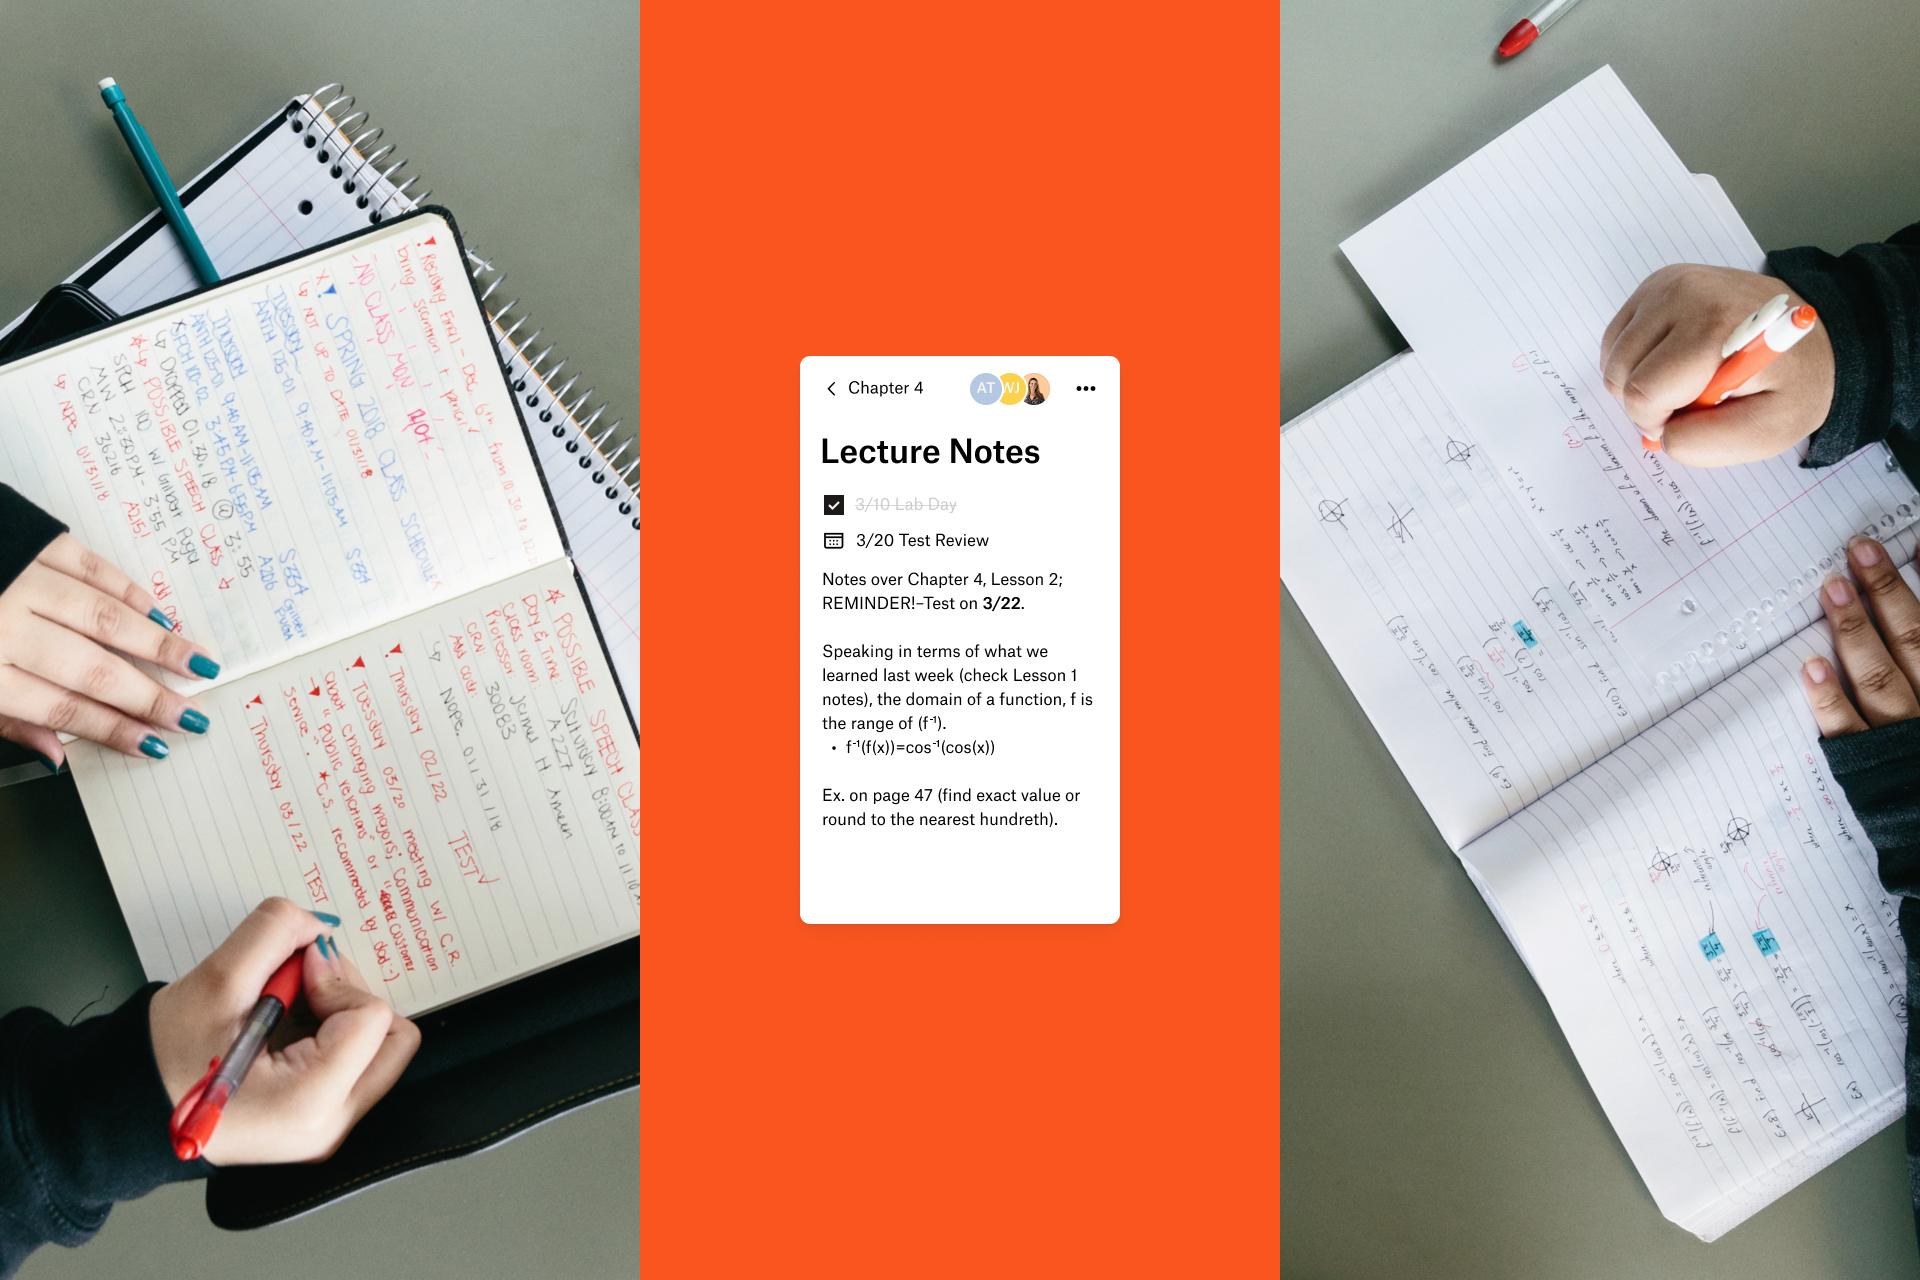 Educators sharing lecture notes via Dropbox Paper